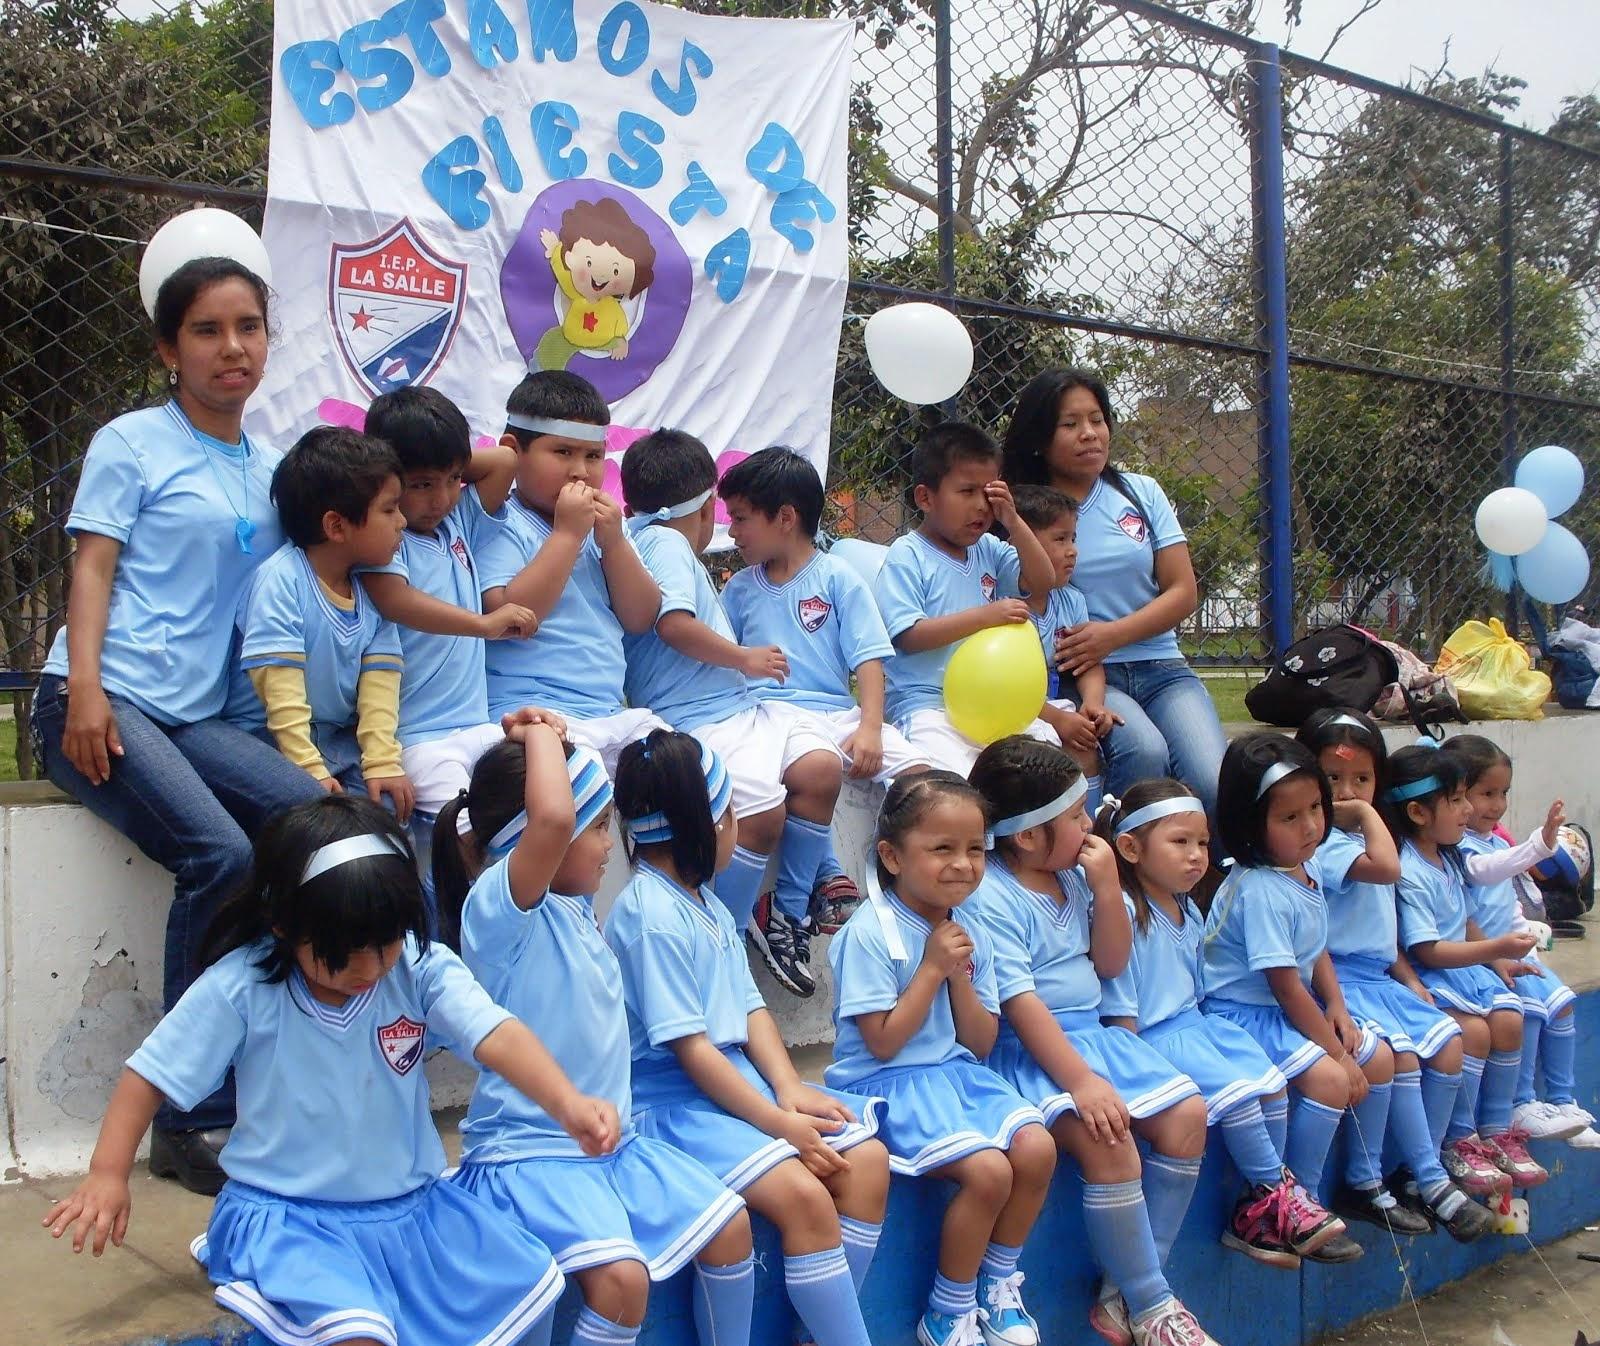 Campeonato 2013